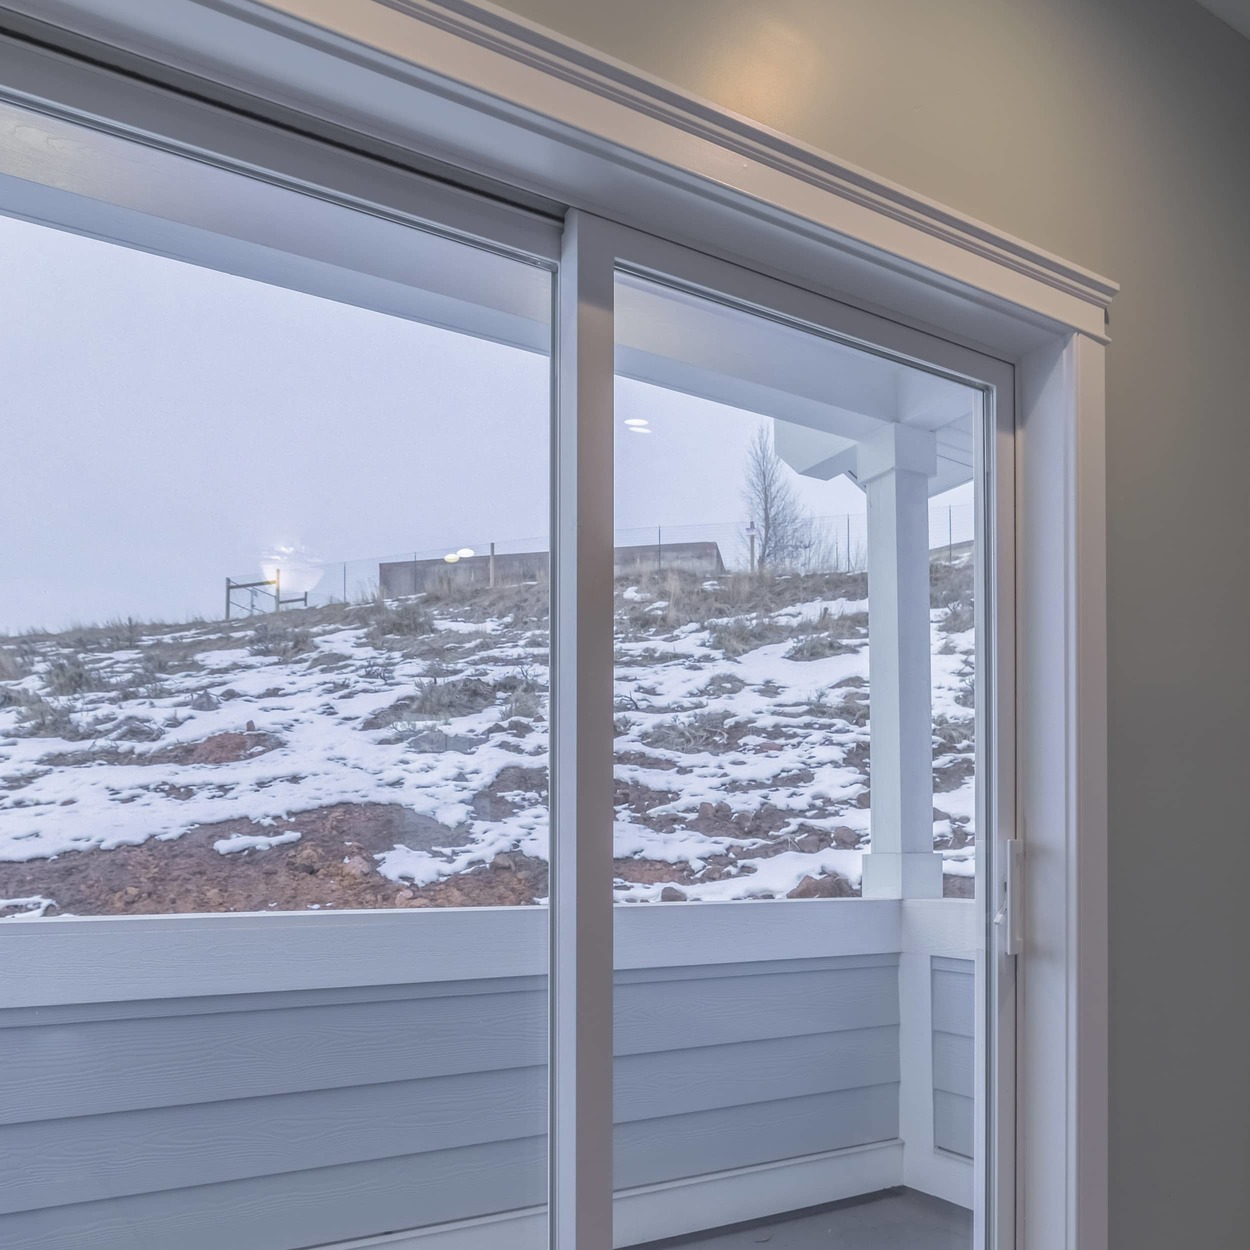 insulate sliding doors for winter